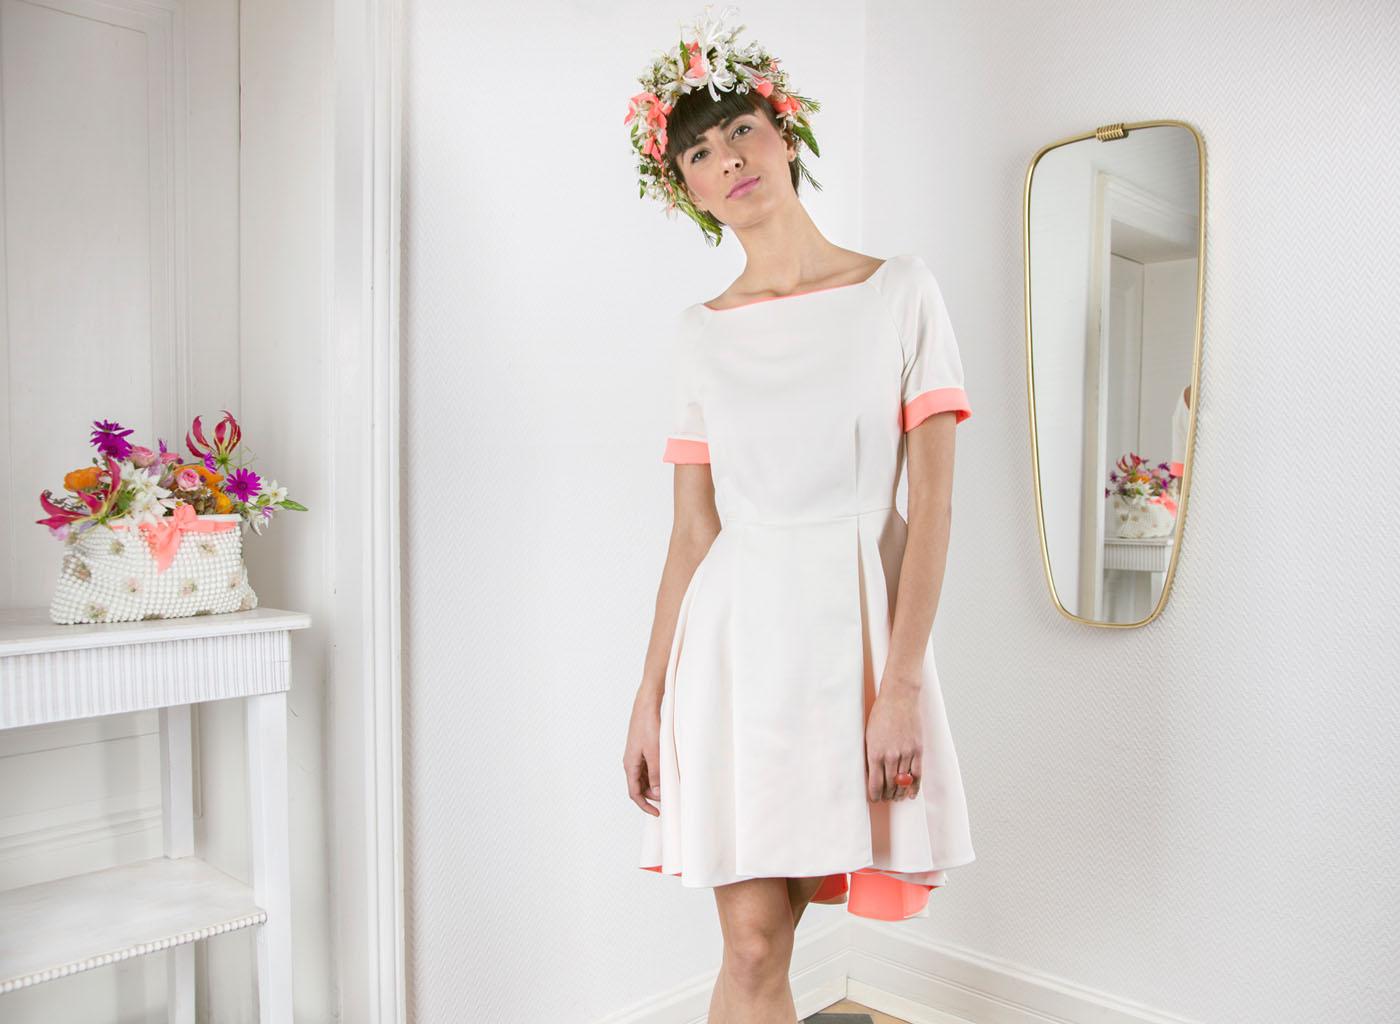 Kurzes Hochzeitskleid im Fifties-Look von Coco Lores